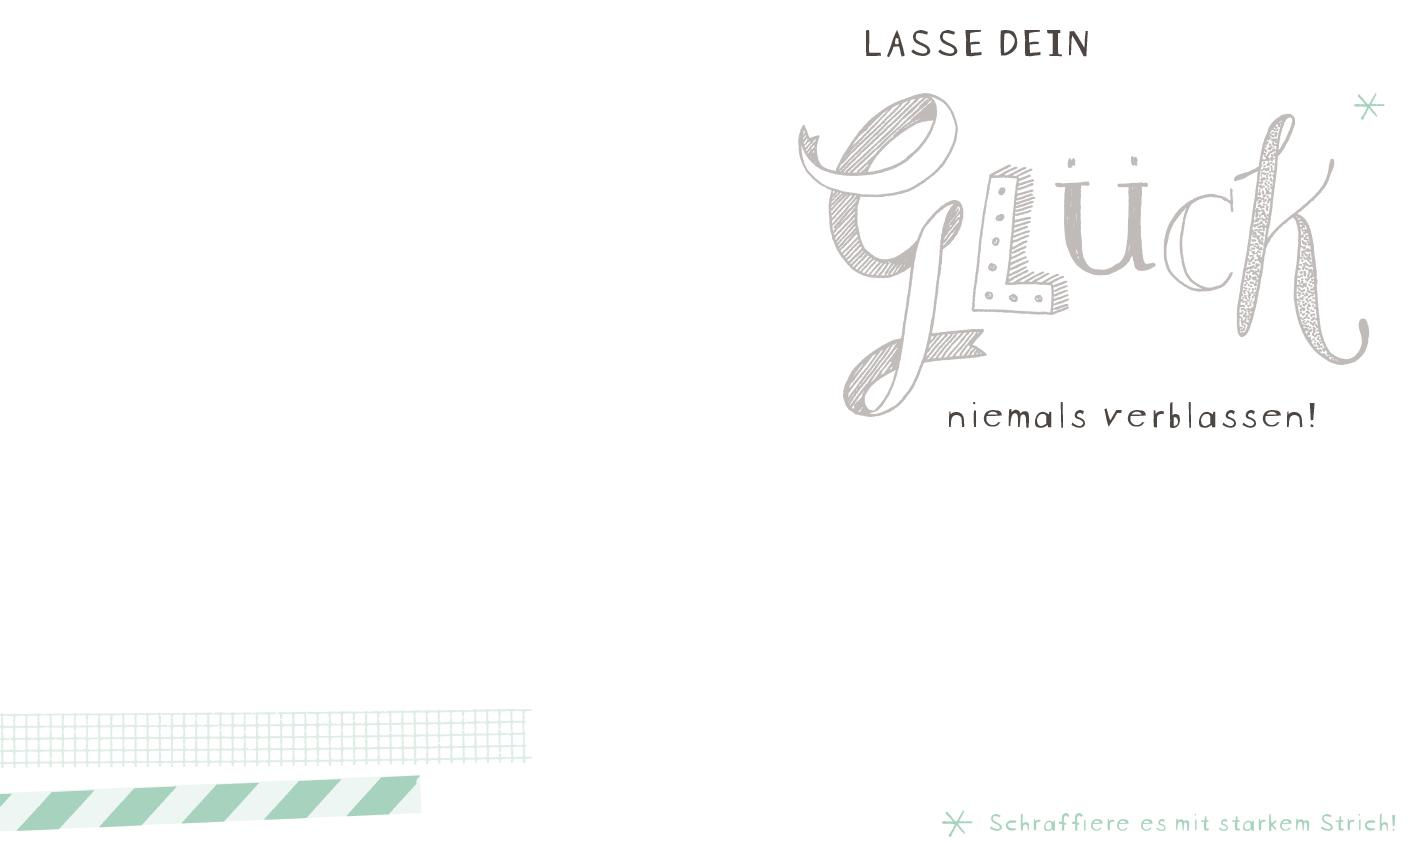 92437_krizzelbuch_innen_2-32.jpg